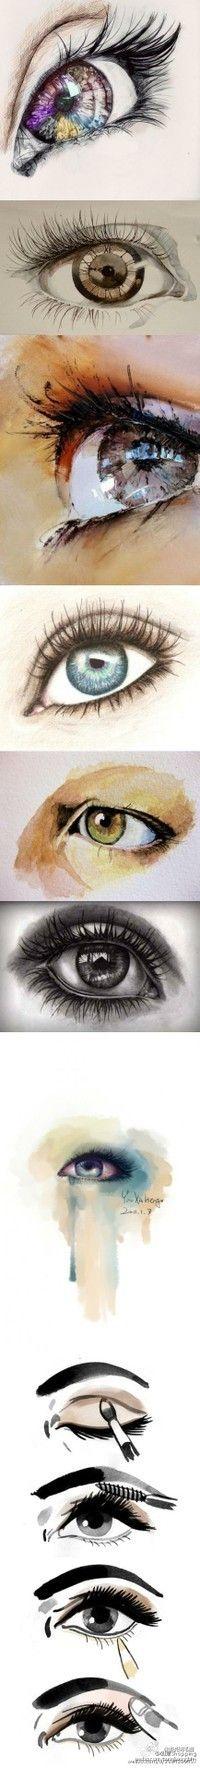 me encantan los ojos...y como siempre digo yo lo bonito no es el color si no la mirada...